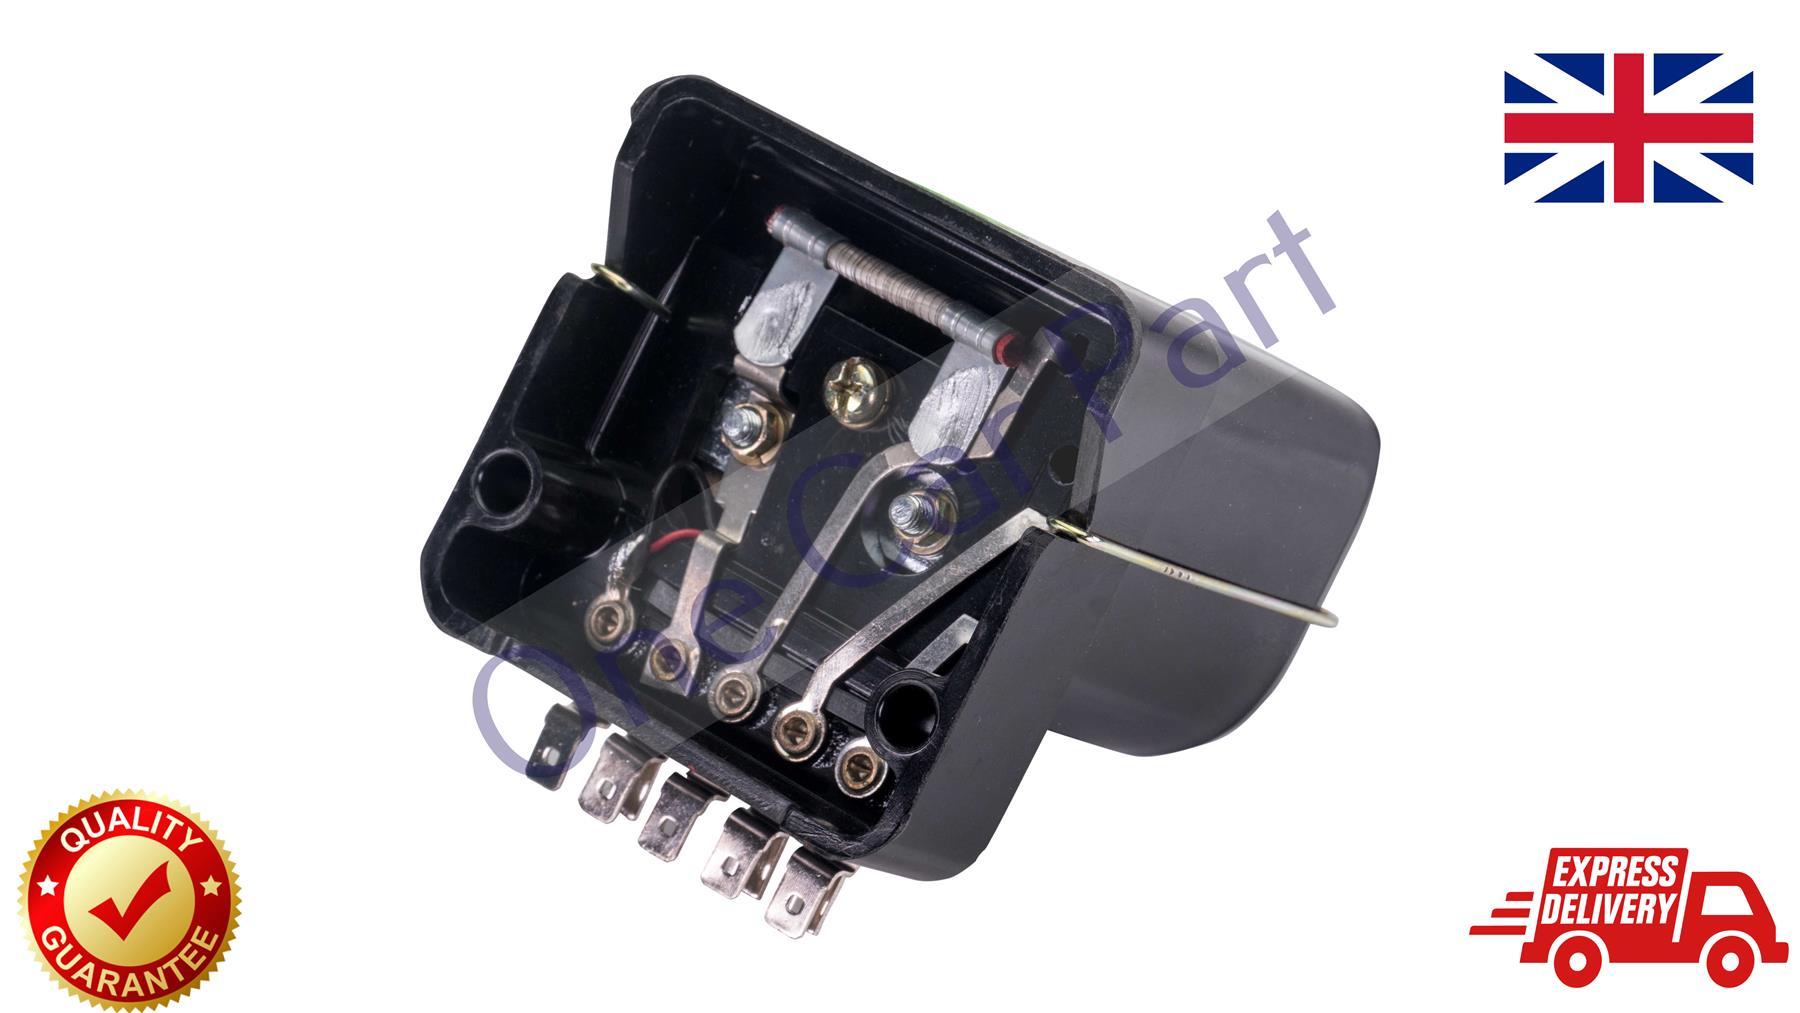 Dinamo Regulador RB106 12V MP NCB101 37066 130052 Lucas Tipo